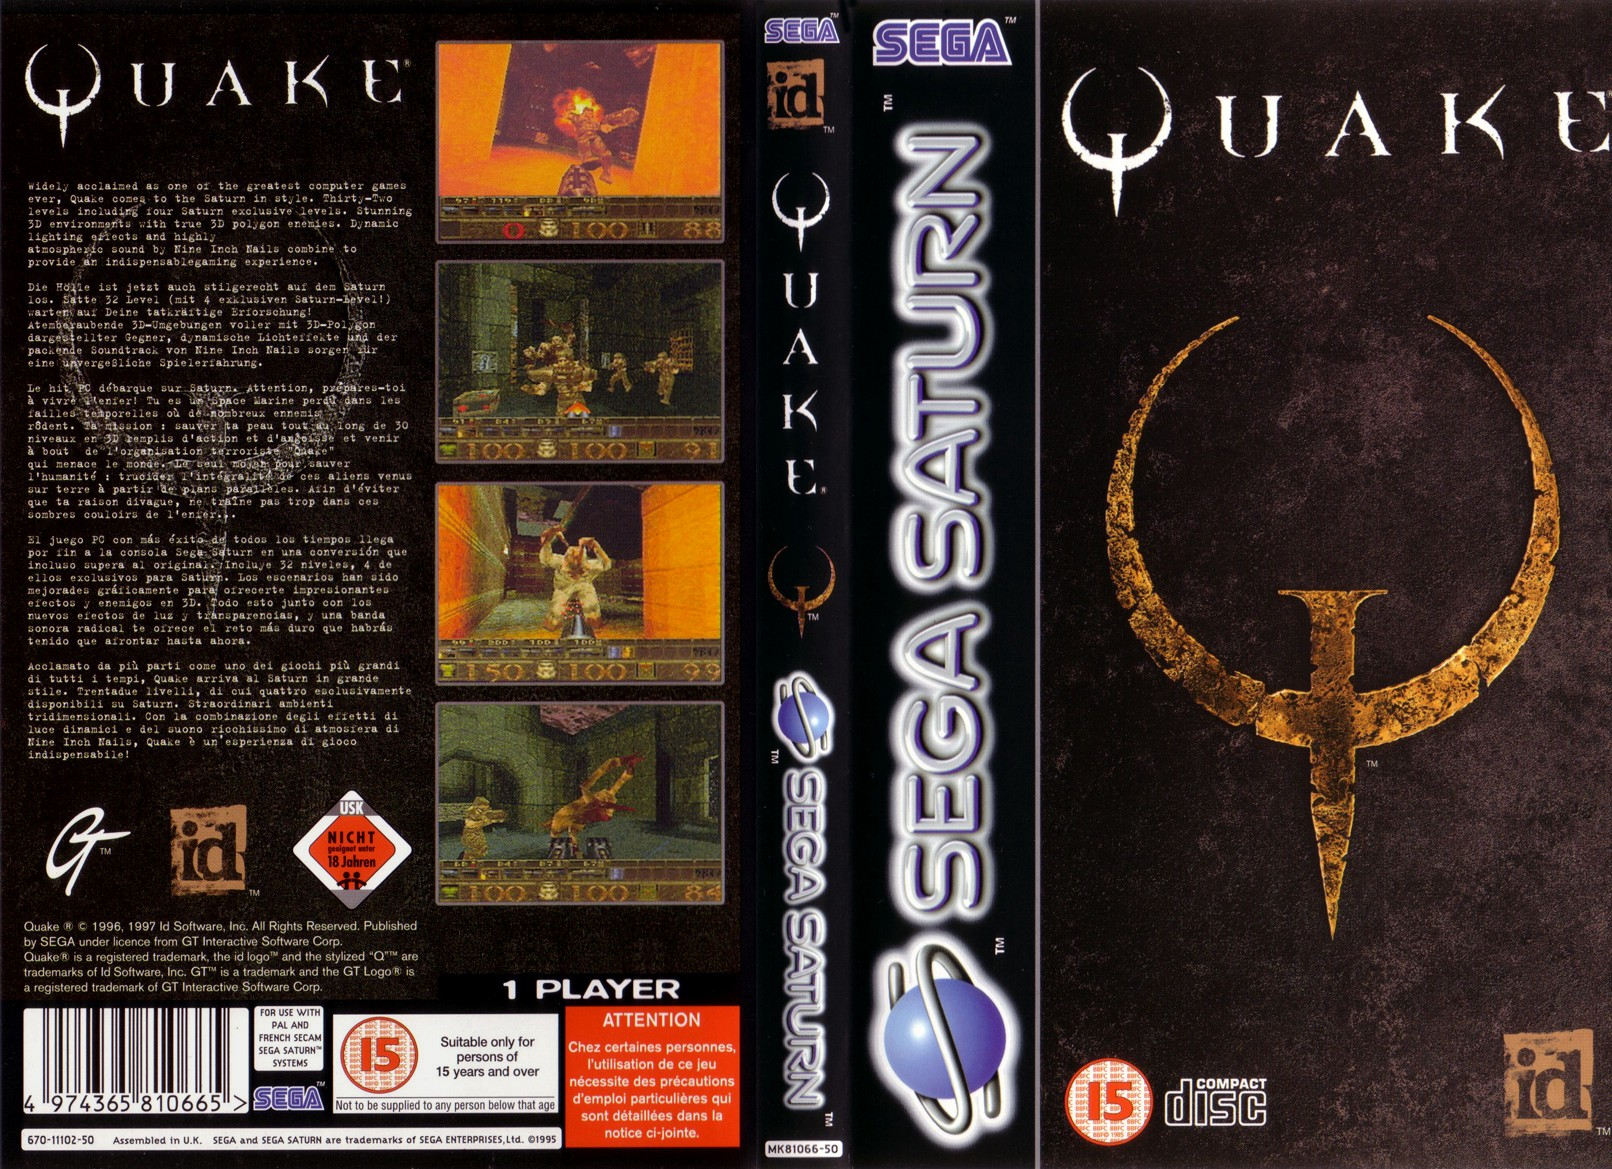 Quake De Sega Saturn Foro Vandal